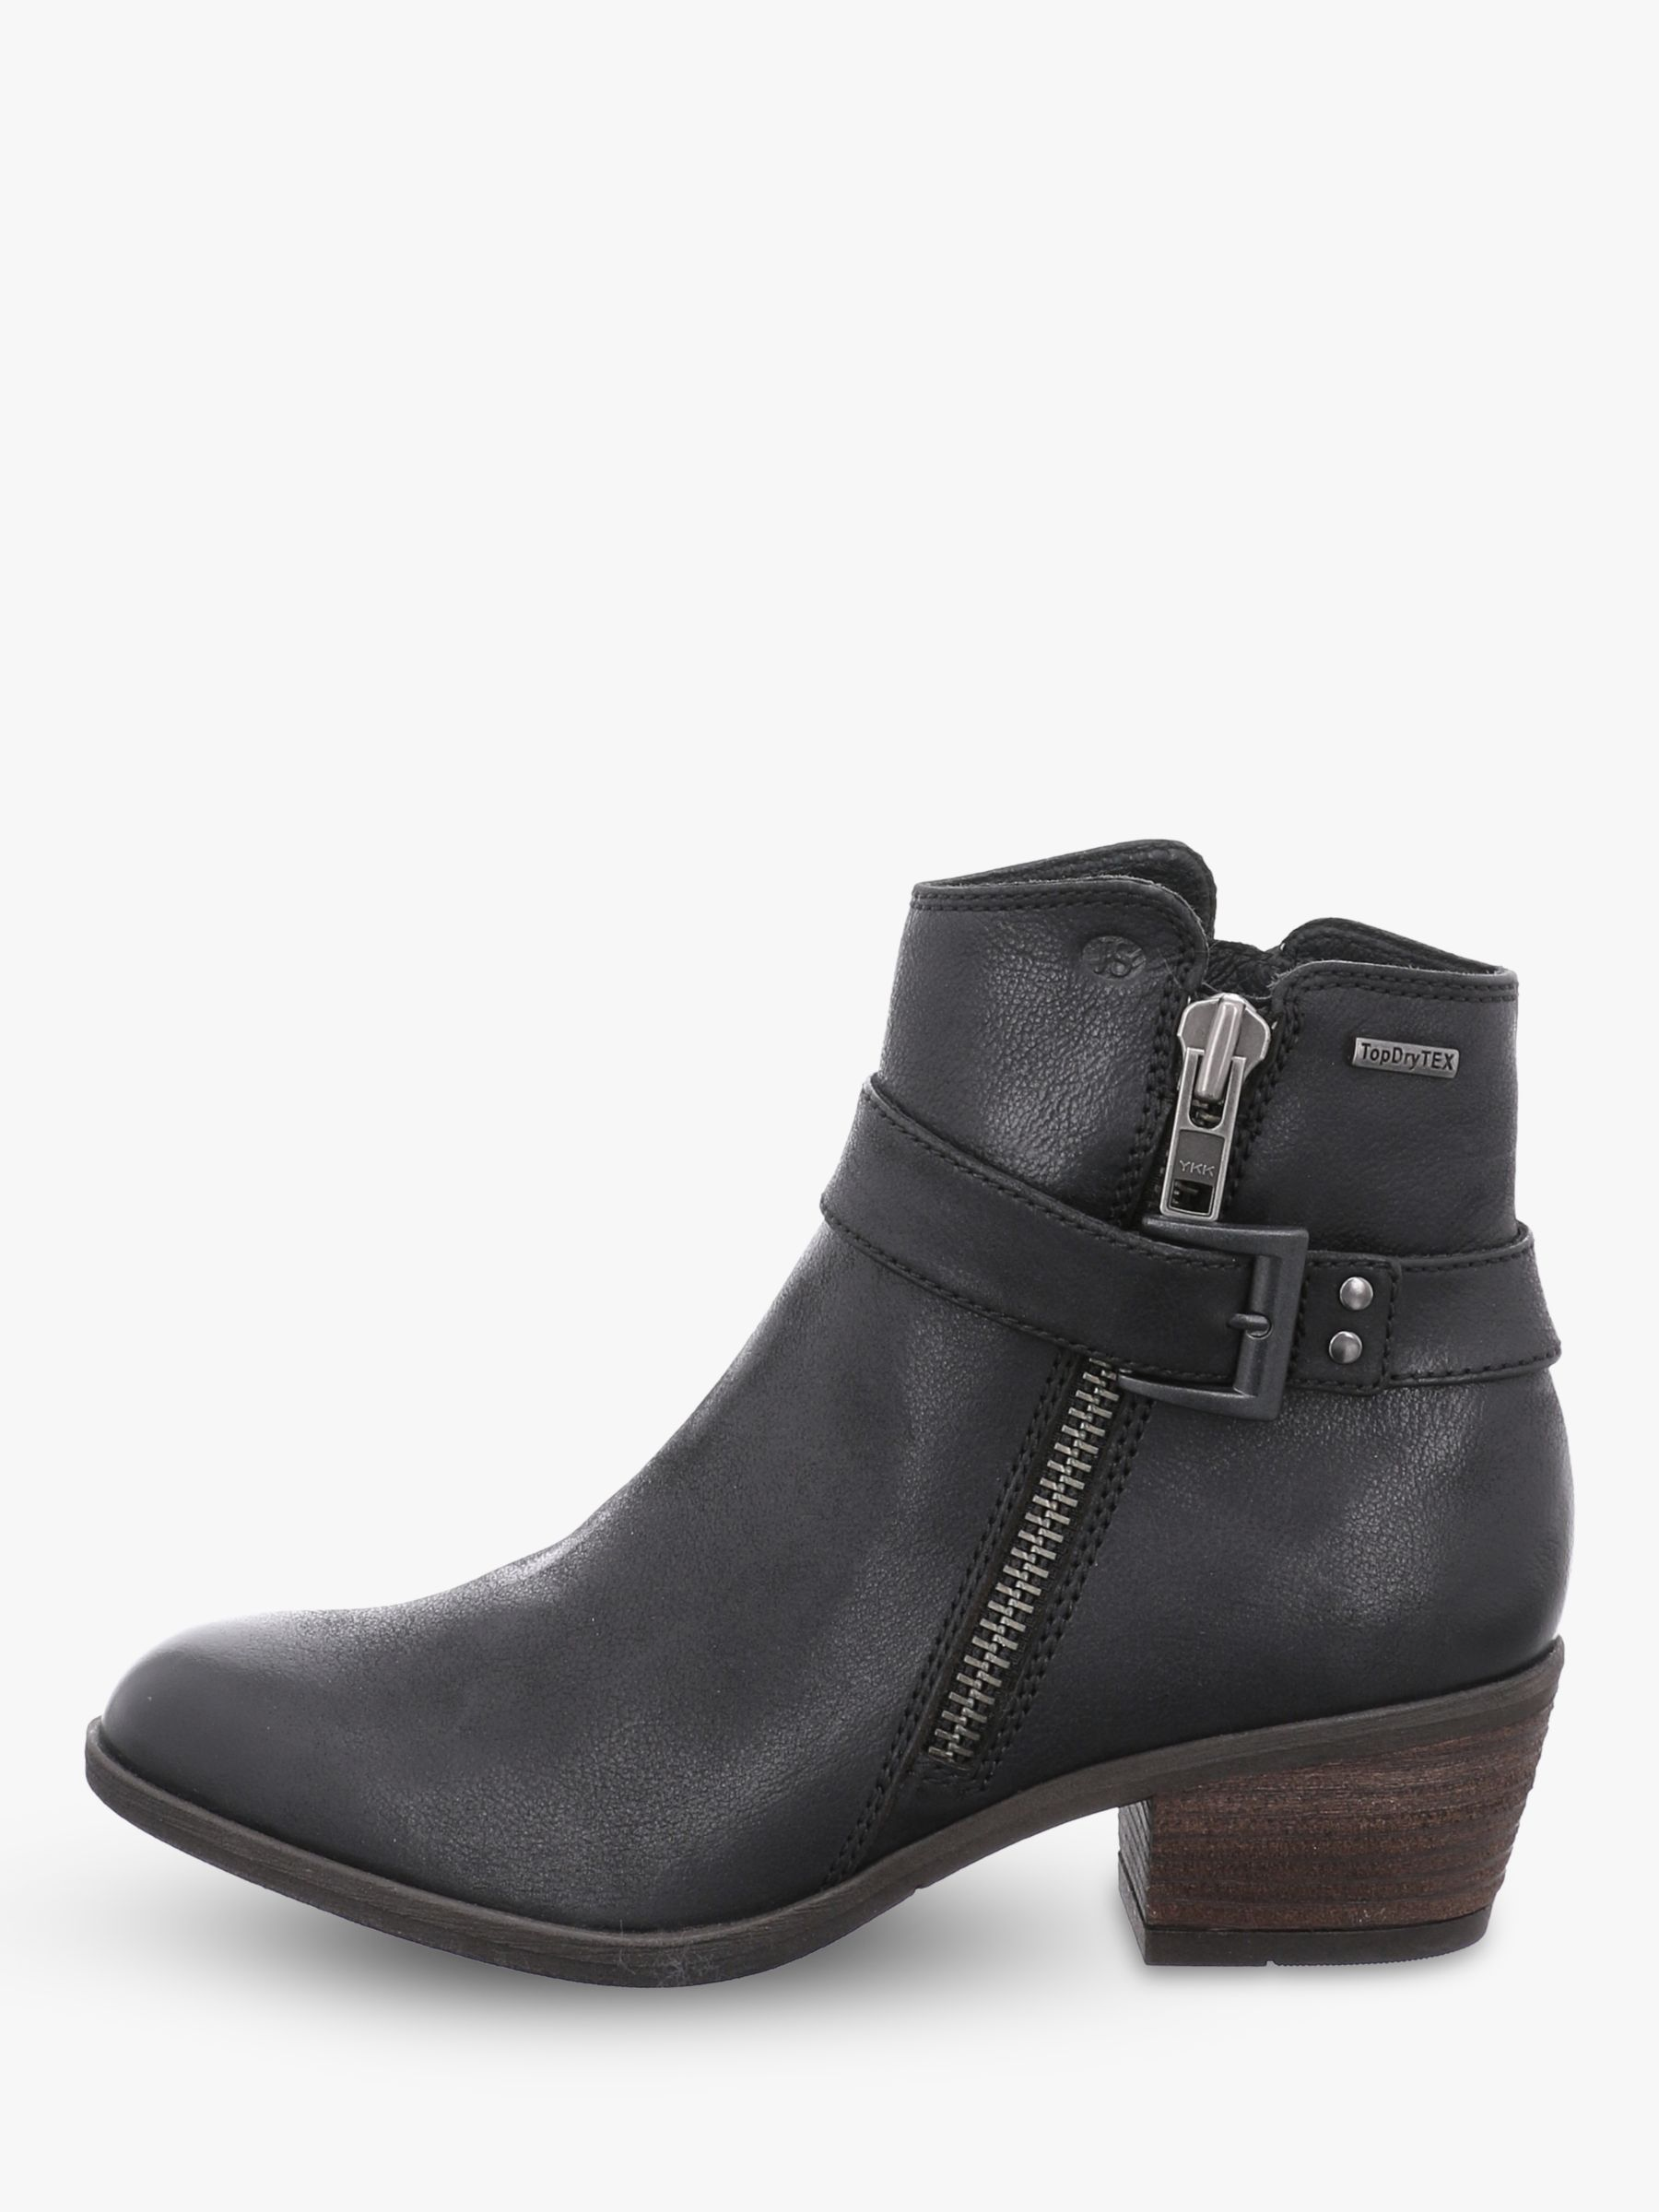 Josef Seibel Josef Seibel Daphne 52 Block Heel Ankle Boots, Schwarz